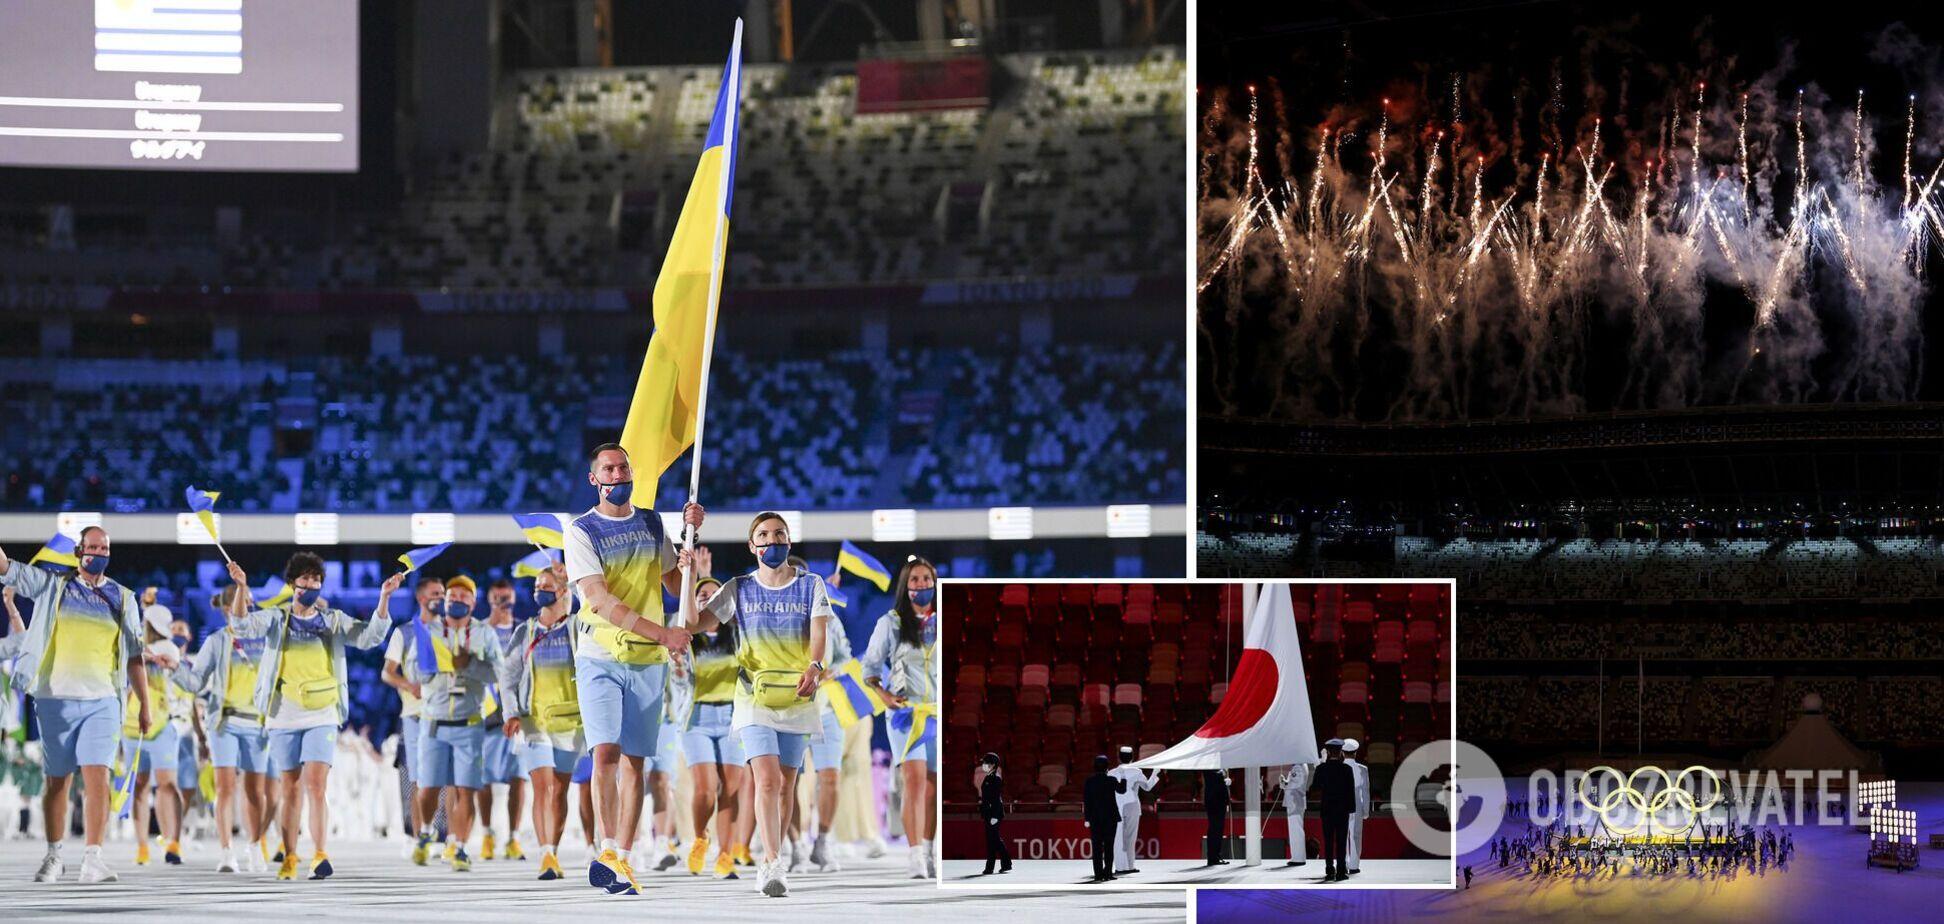 Відео виходу України! Церемонія відкриття Олімпіади-2020: онлайн-трансляція